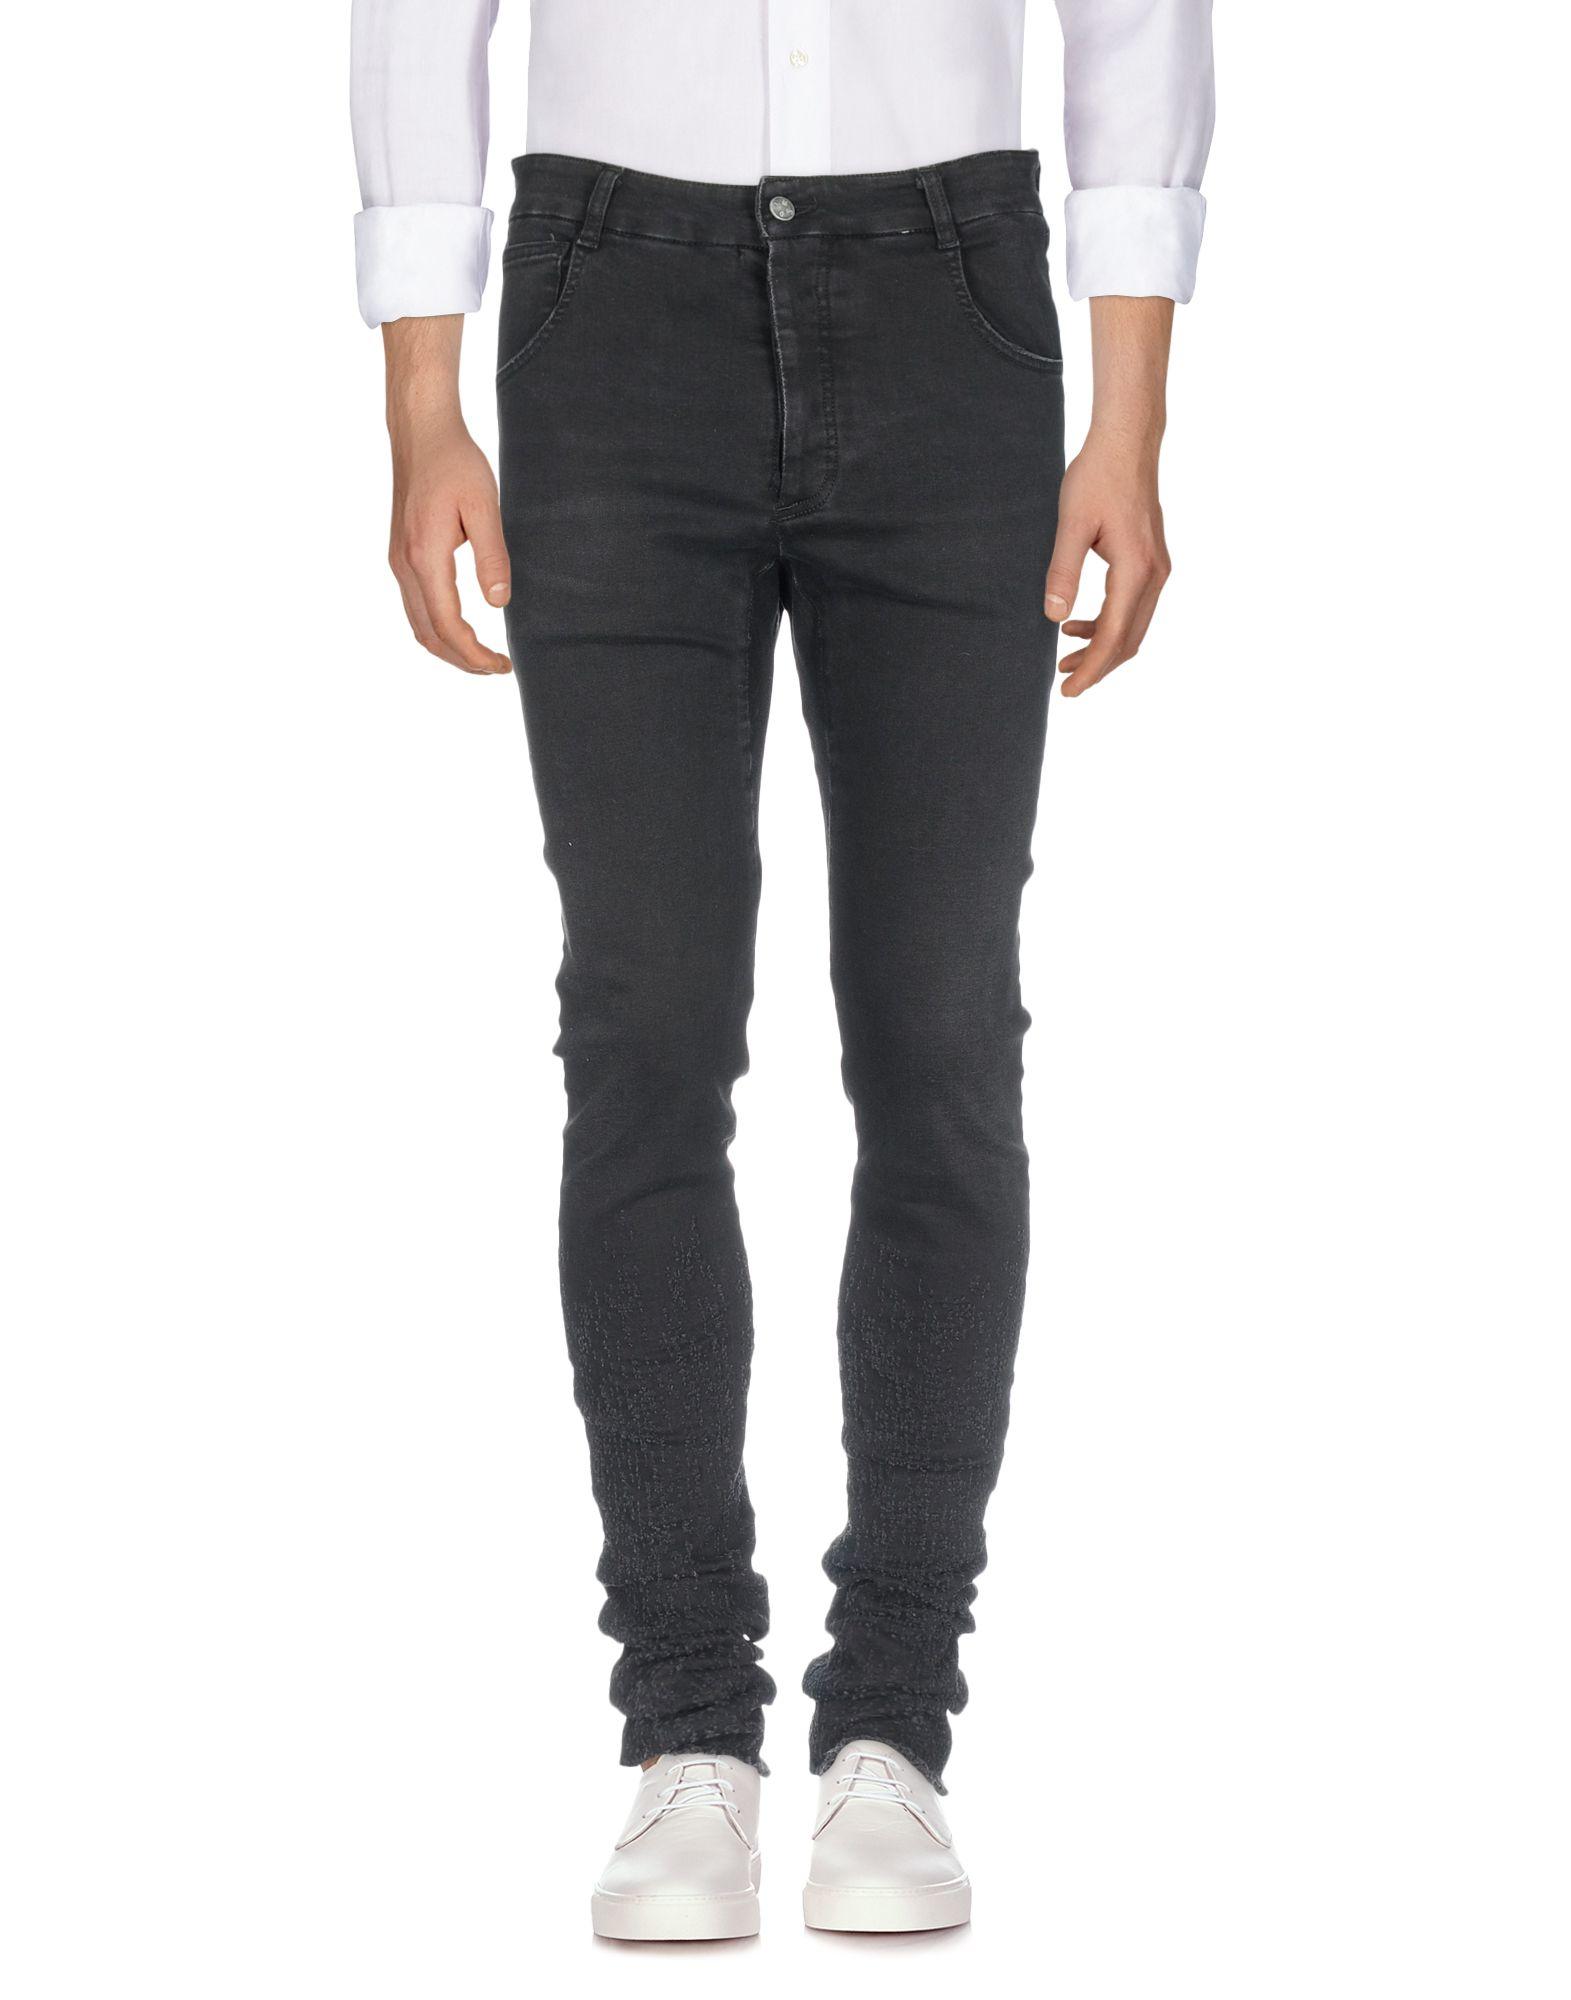 Pantaloni Jeans Md 75 Uomo - Acquista online su